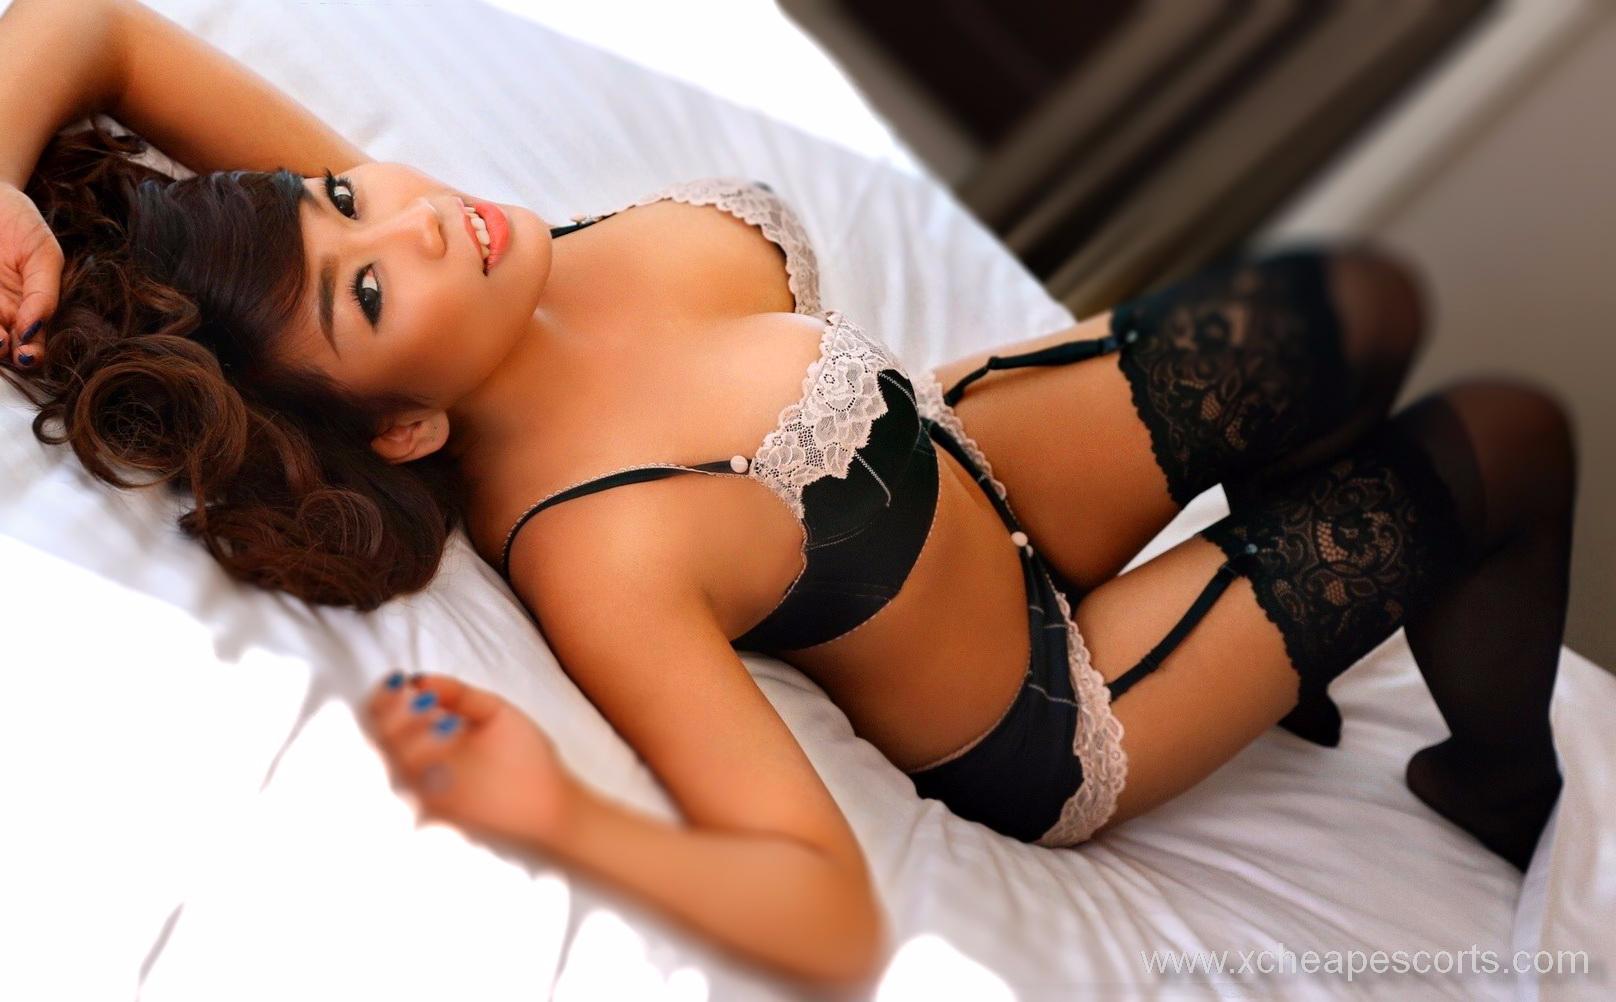 Секс со жгучей мулаткой, Порно мулатки, порно видео с мулатками смотреть 12 фотография